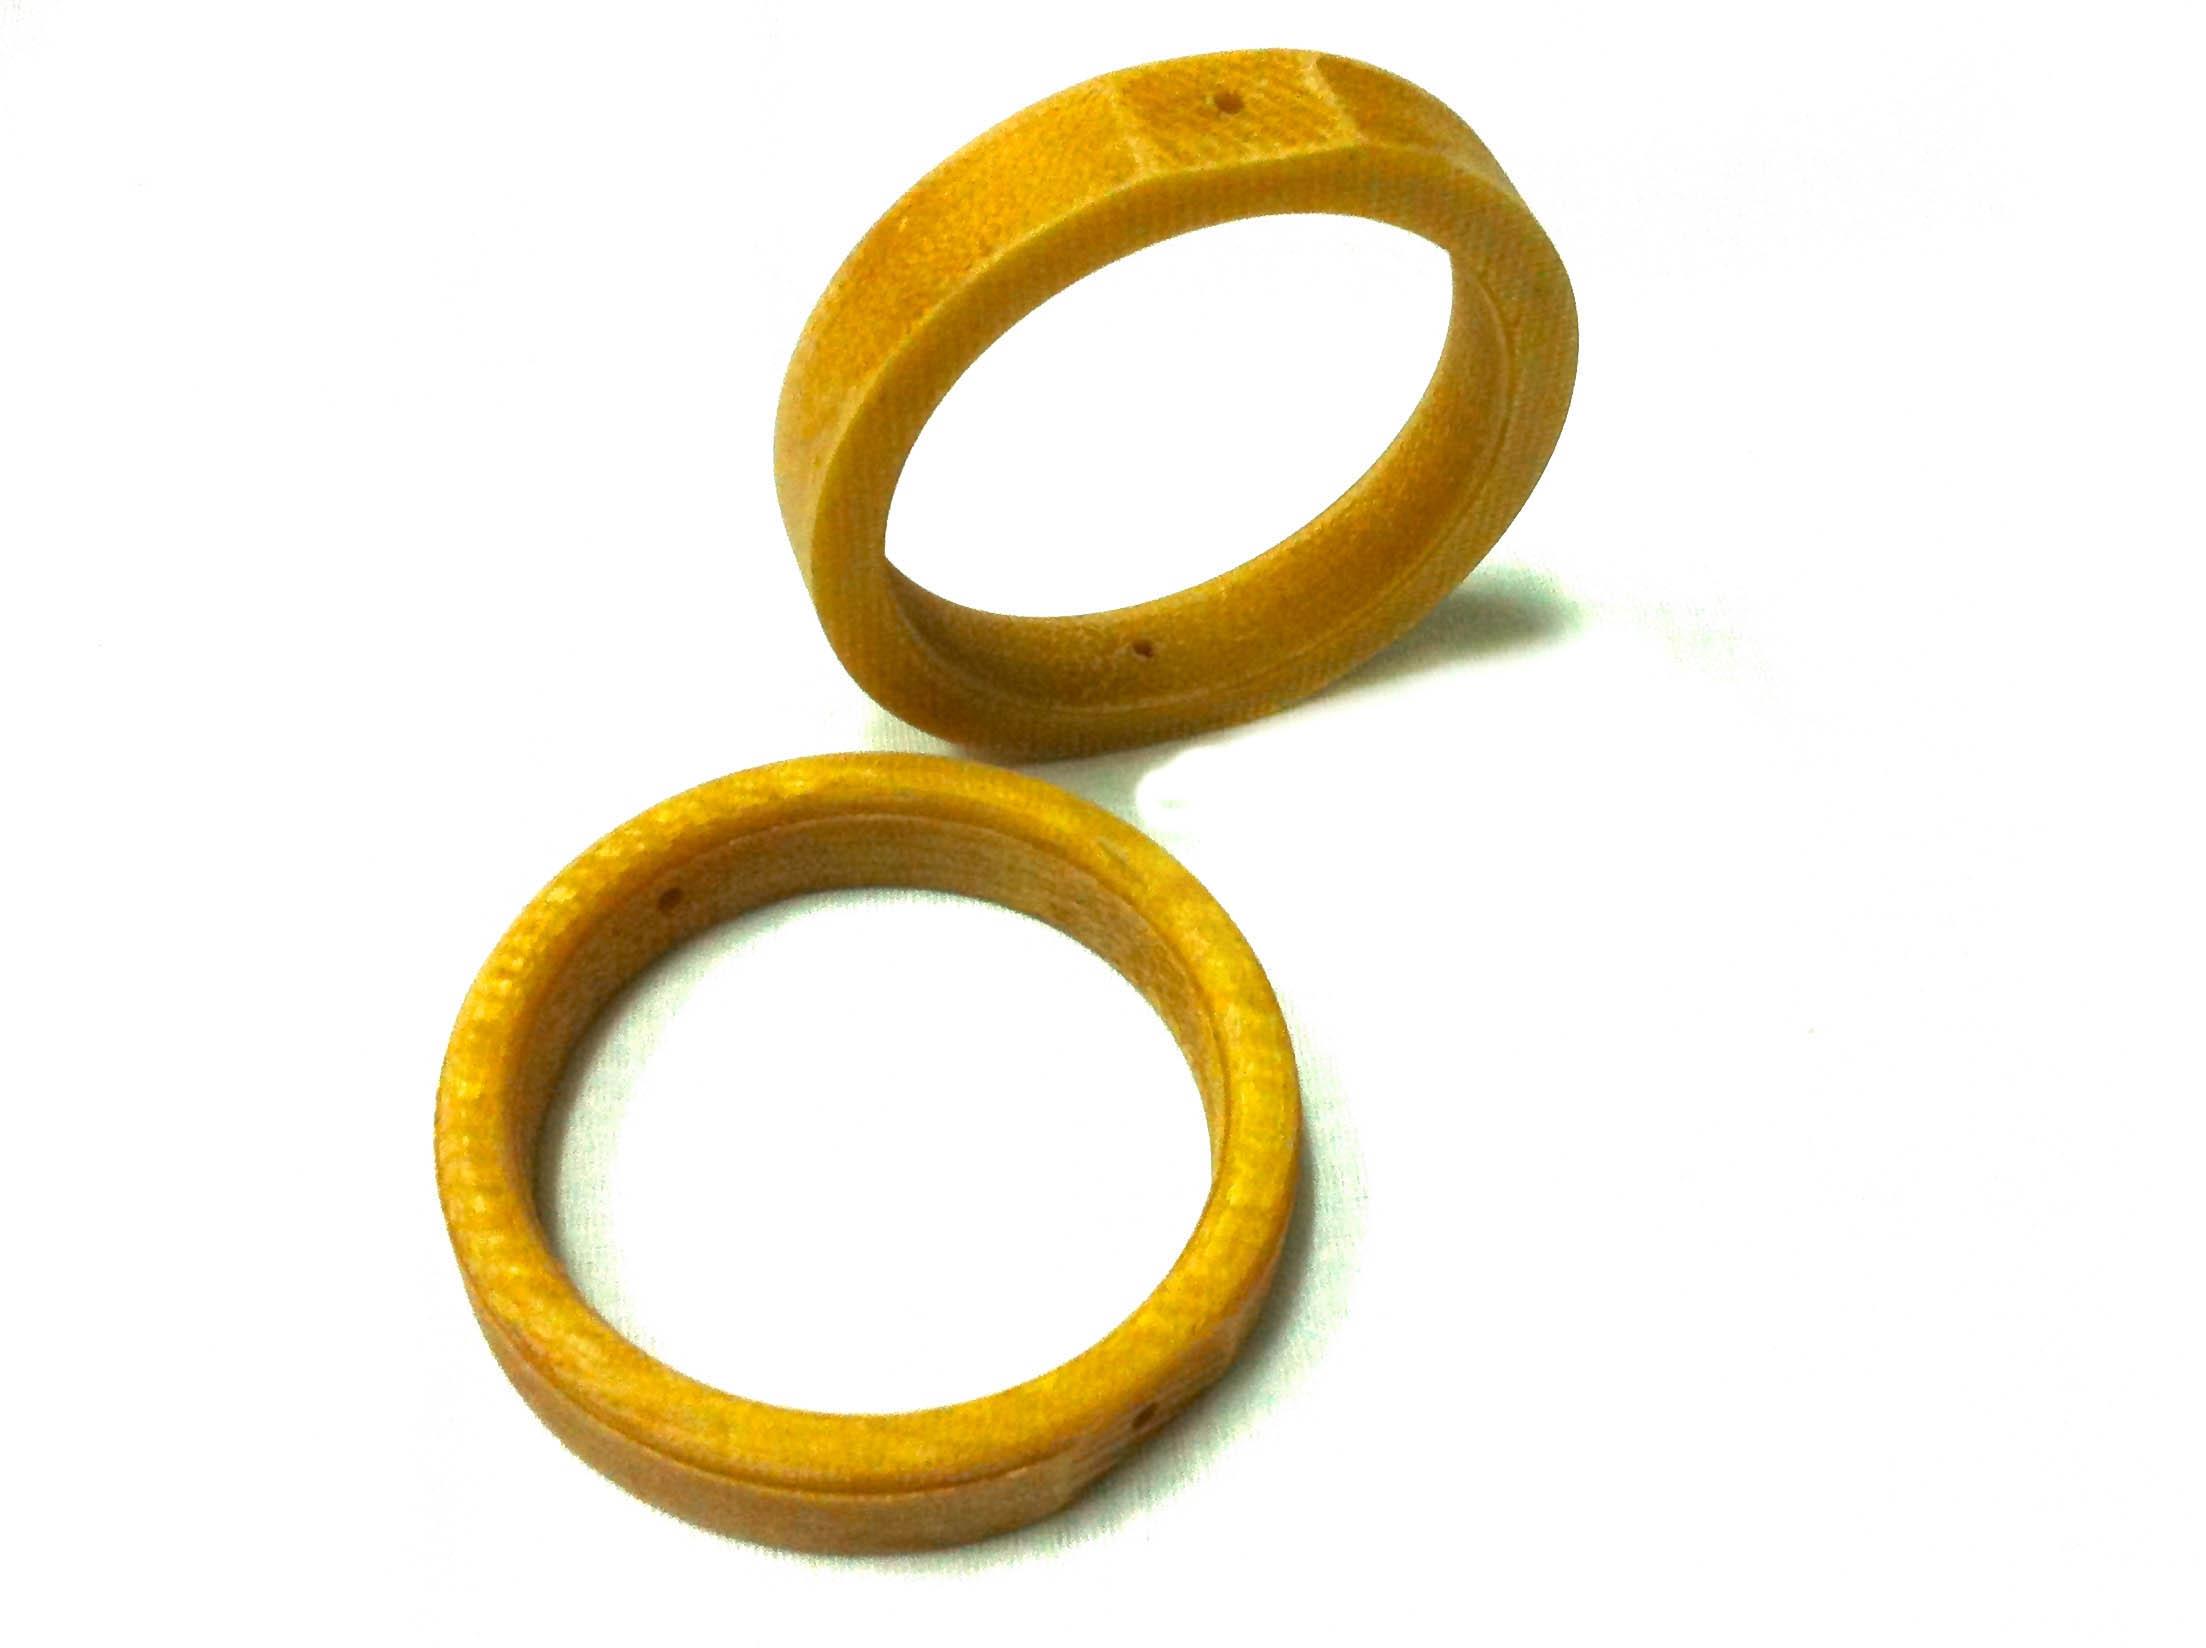 кольца больших болтов токоподвода